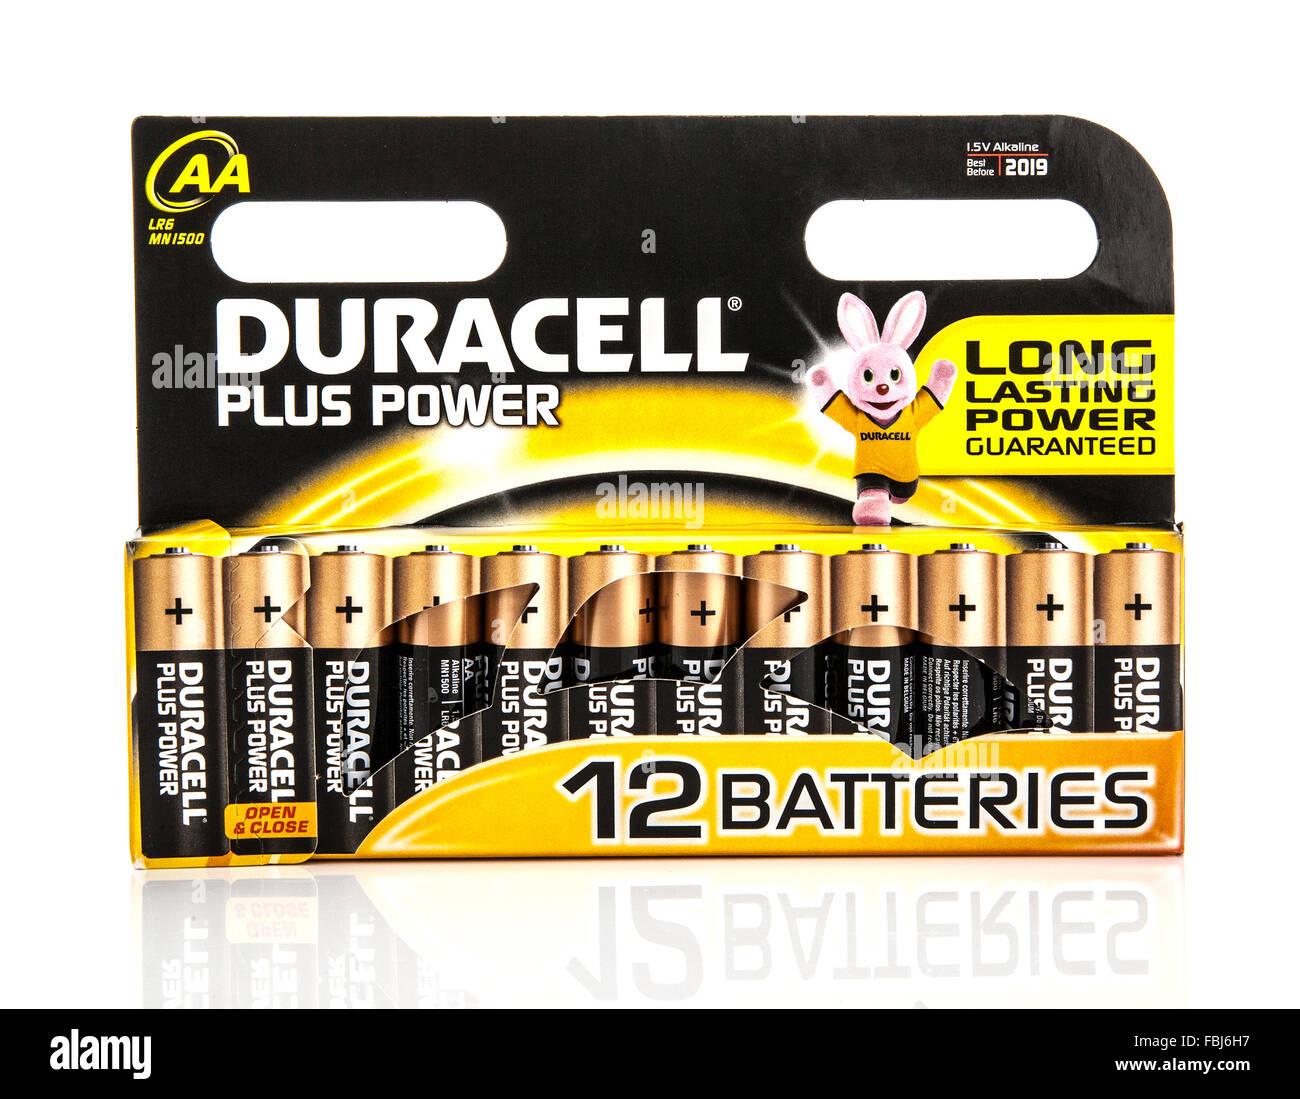 The Battery-Powered Winner